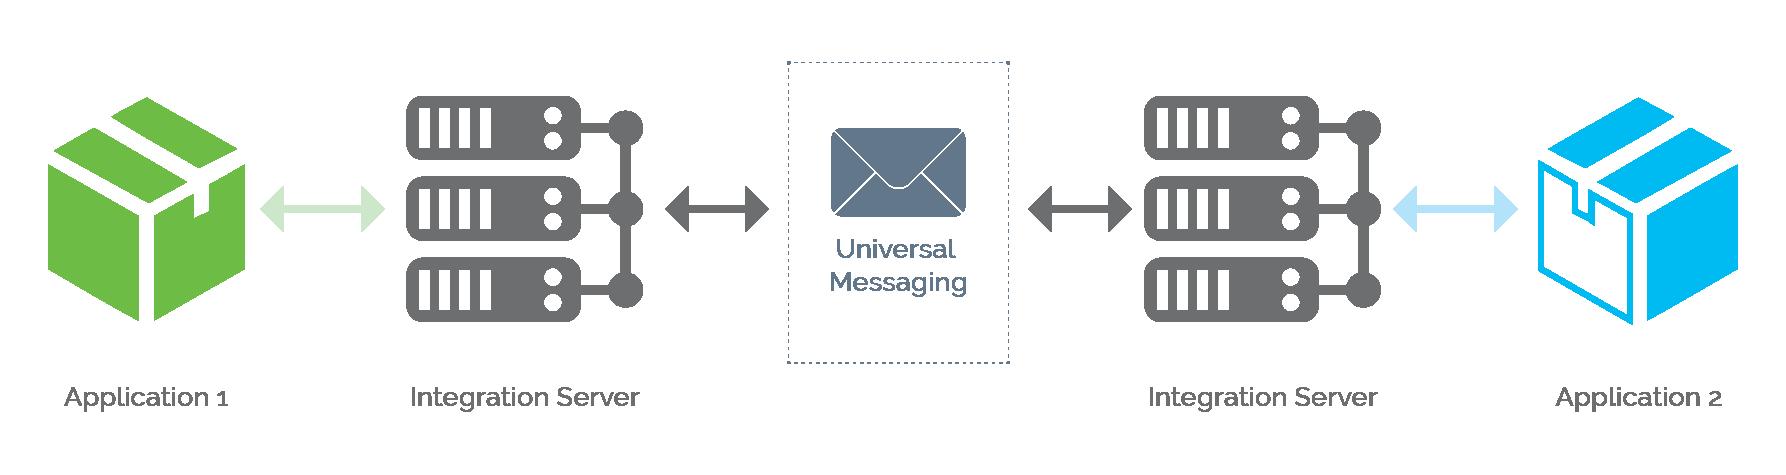 On-premise integration